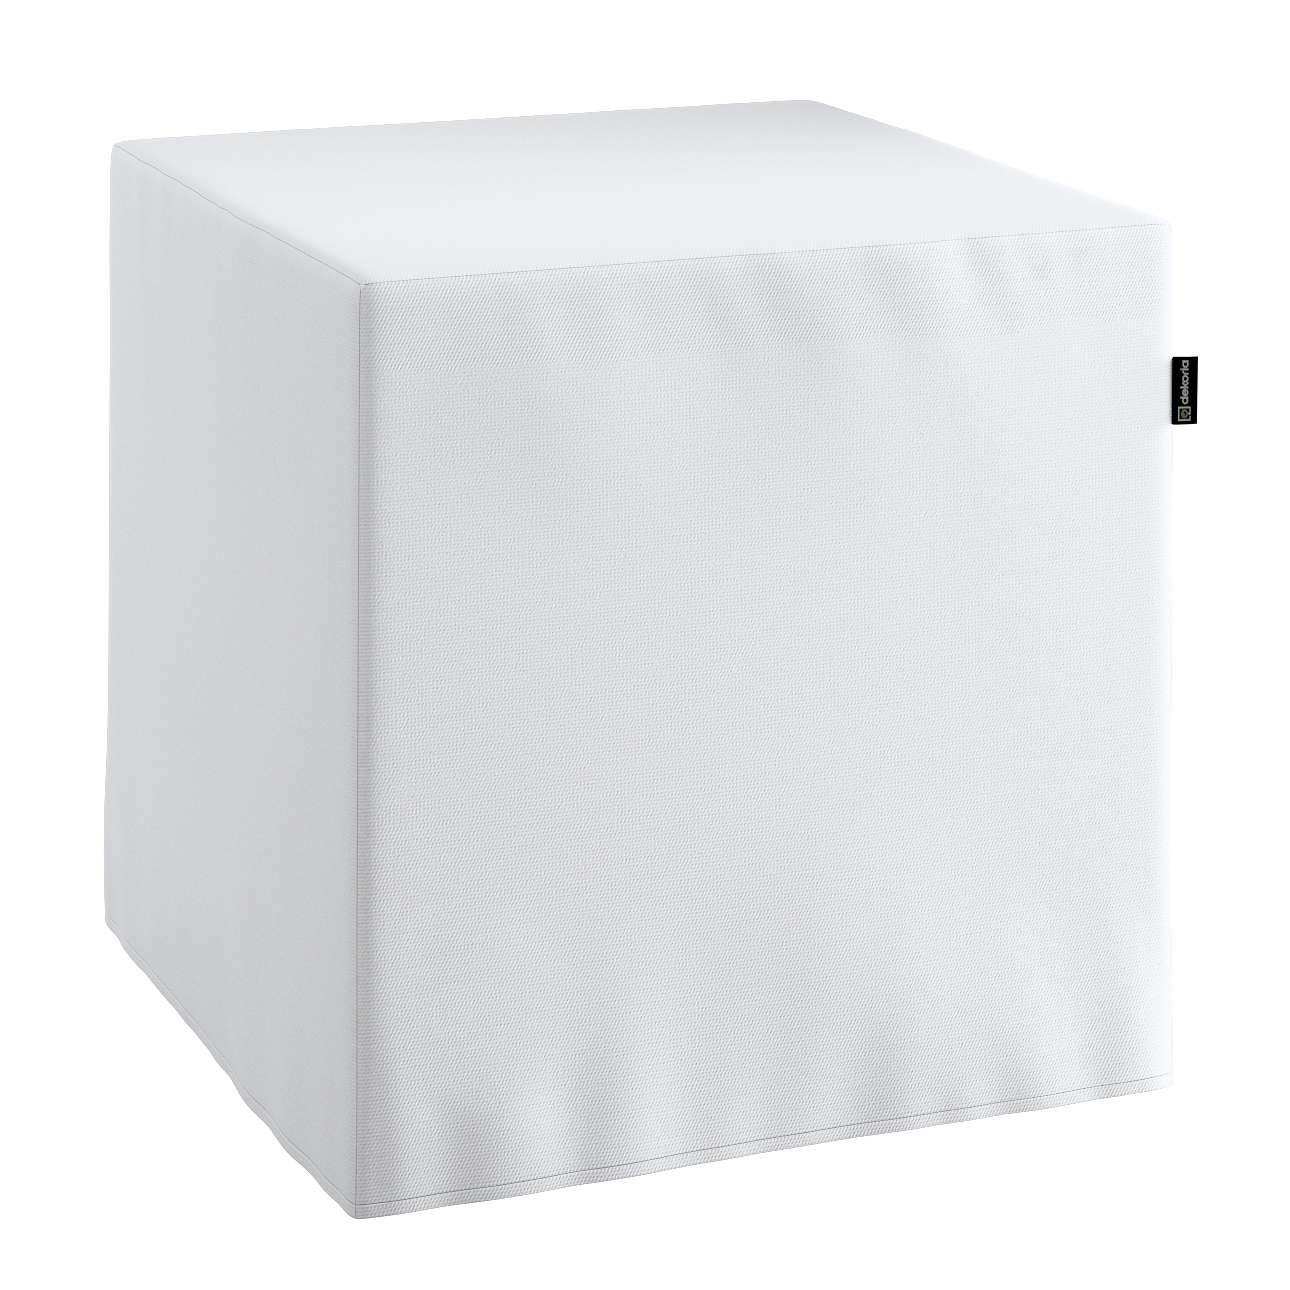 Bezug für Sitzwürfel Bezug für Sitzwürfel 40x40x40 cm von der Kollektion Loneta, Stoff: 133-02